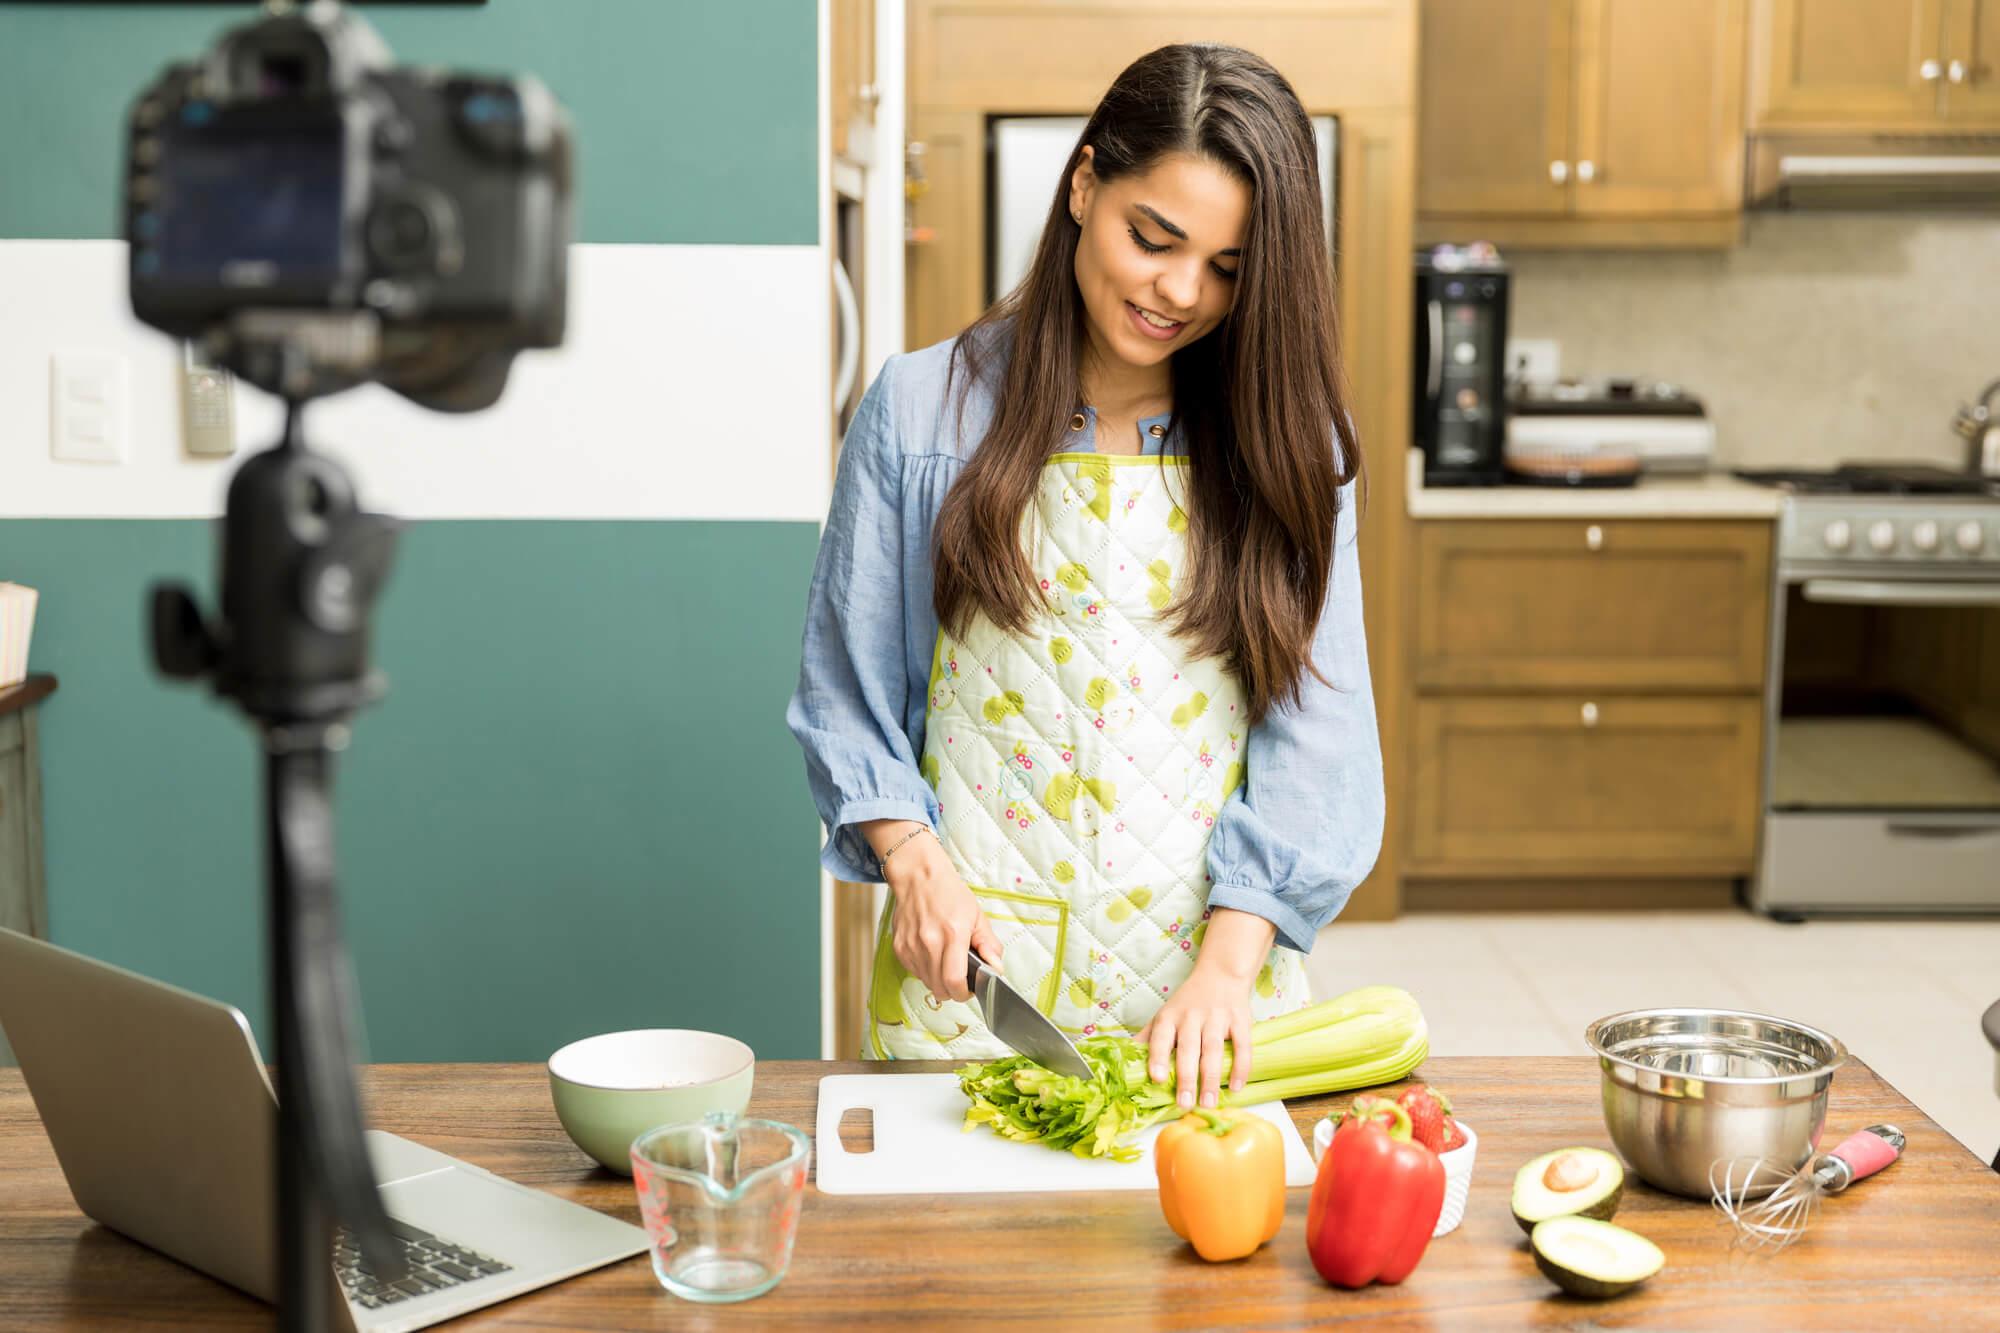 Como criar um canal no youtube de culinária? Descubra aqui!